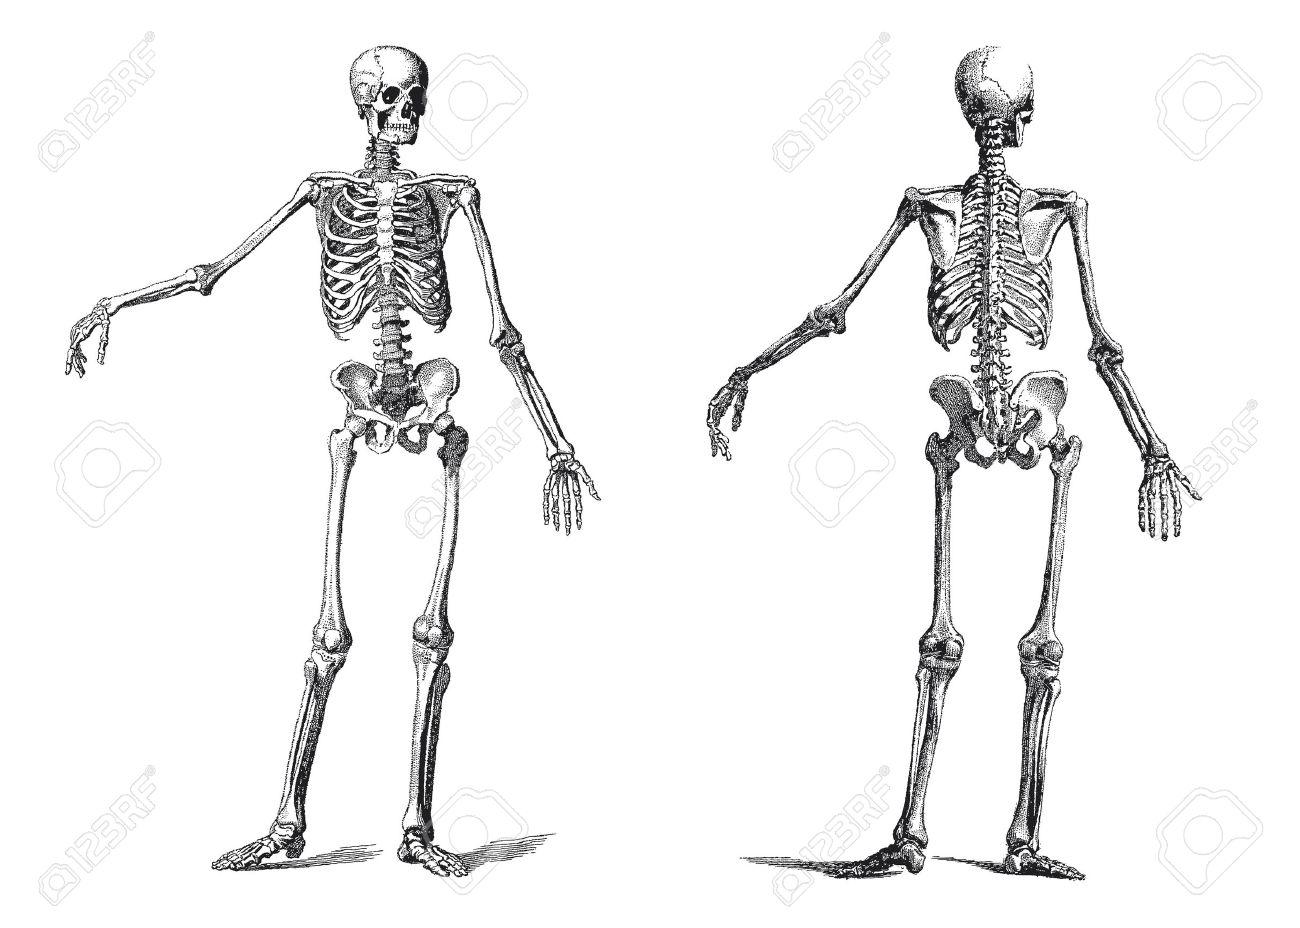 19 世紀の彫刻の人間の骨格のヴィンテージのイラスト ロイヤリティ